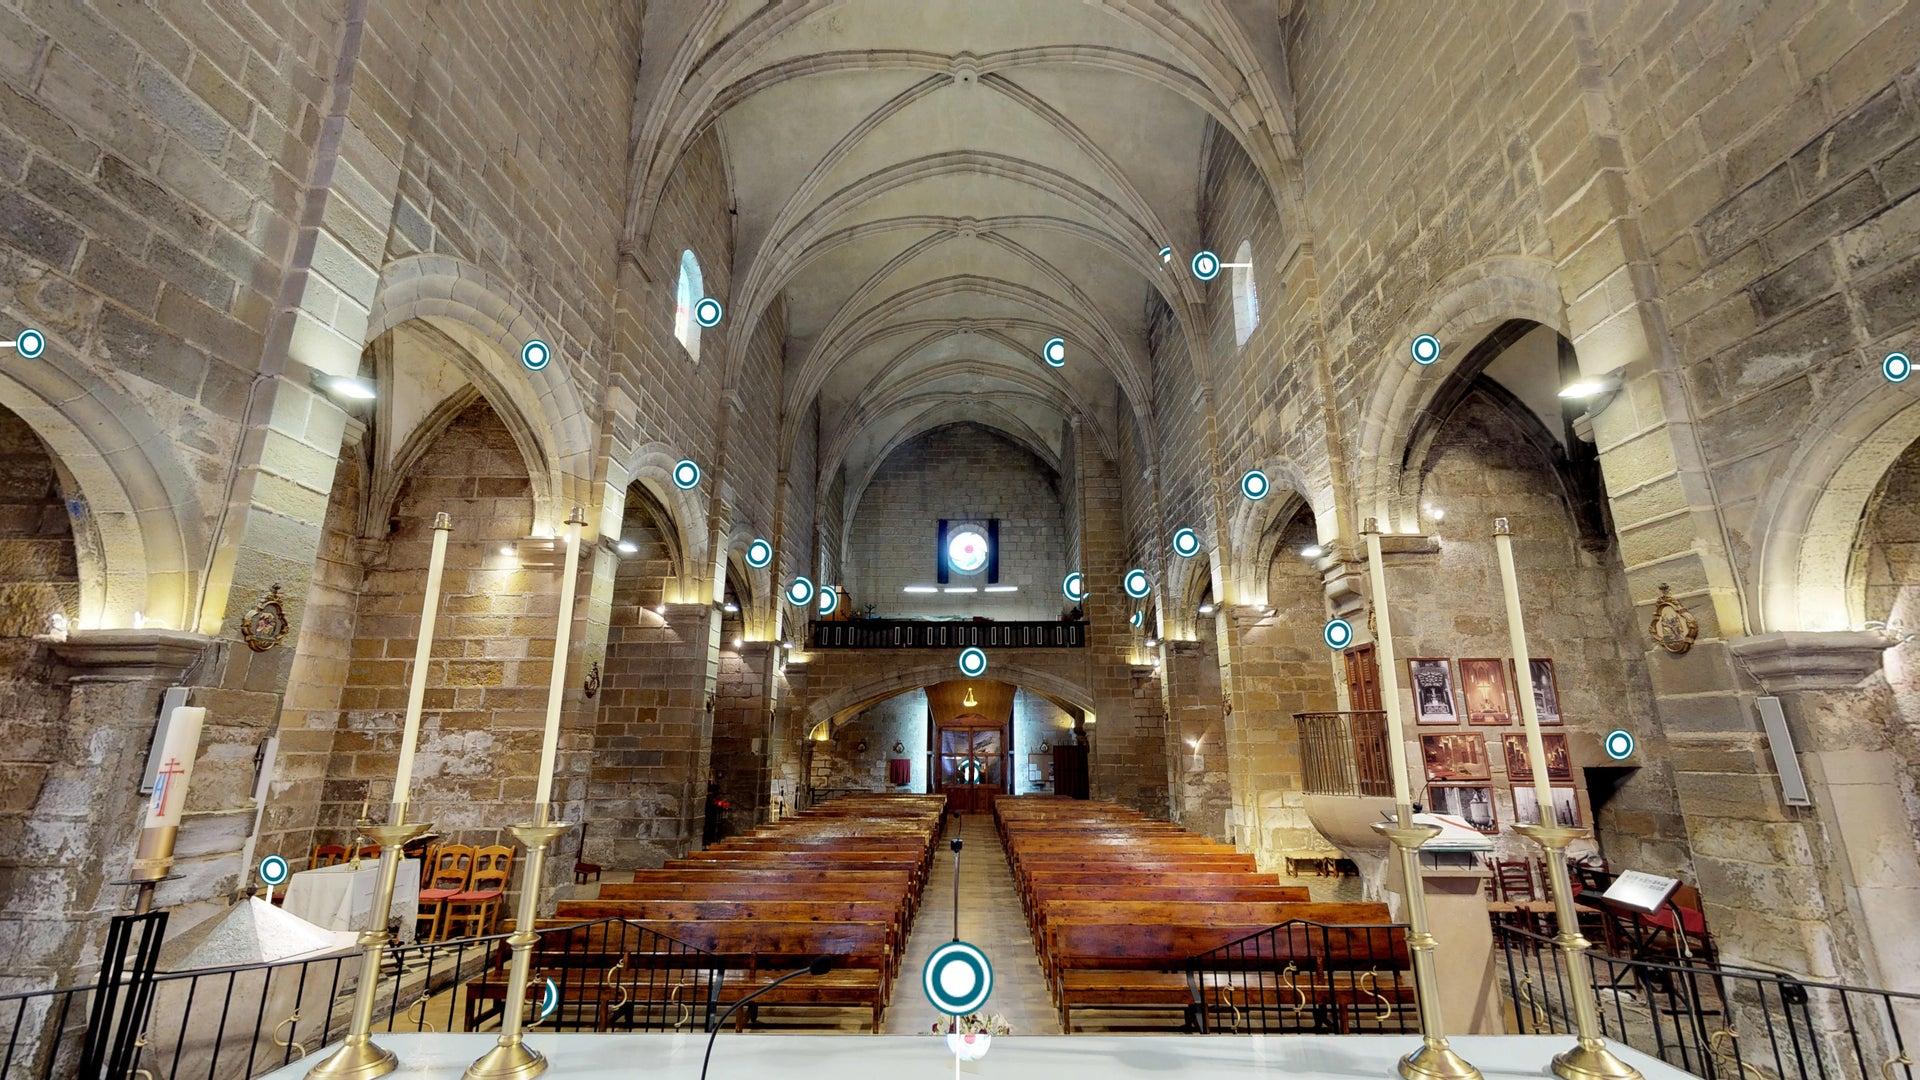 Esglesia De Linyola